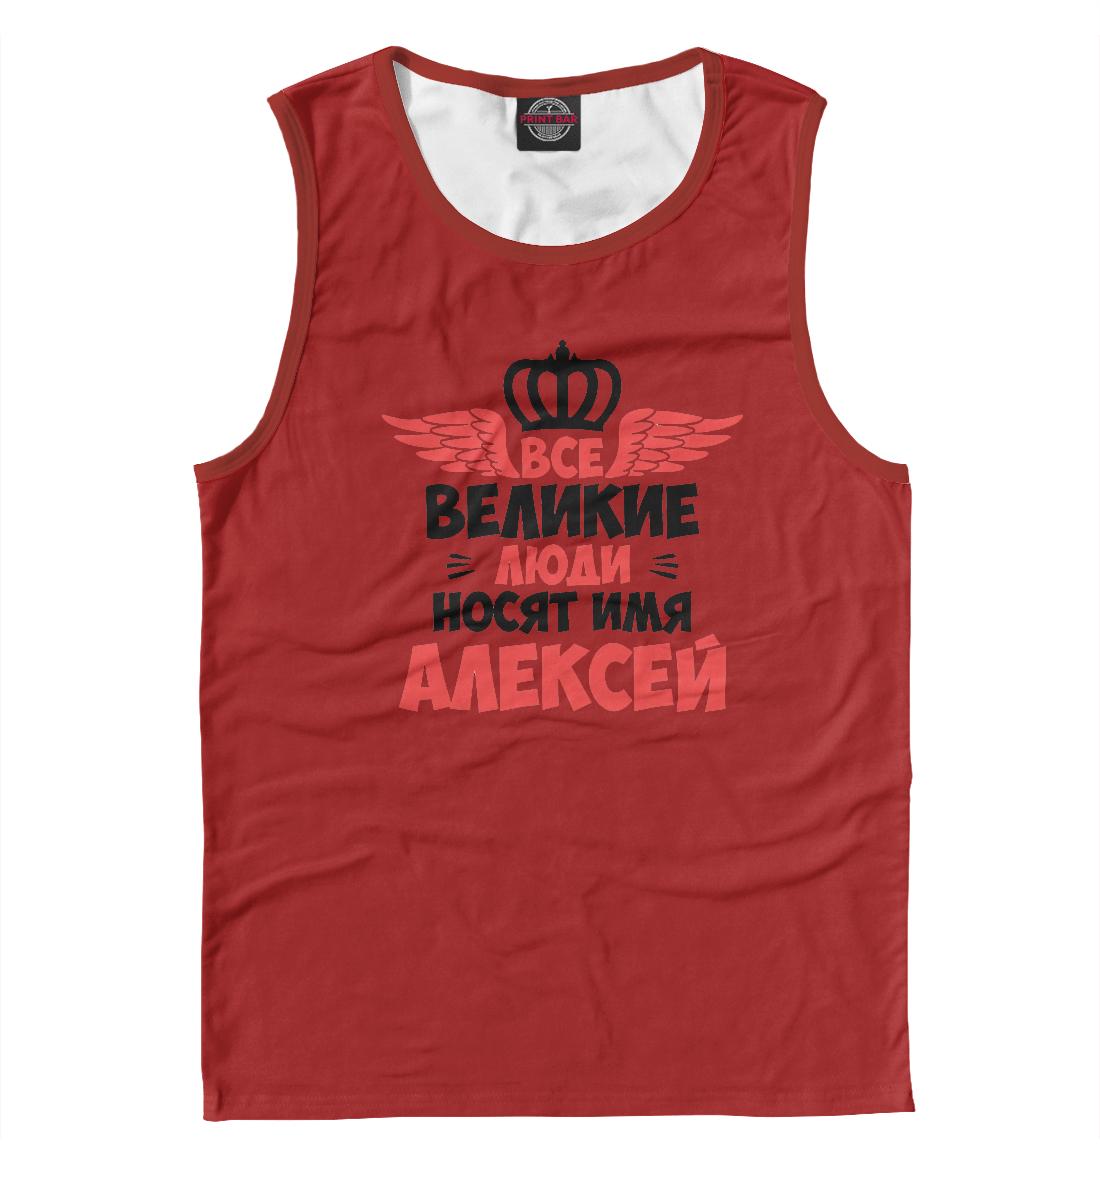 Купить Великие люди носят имя Алексей, Printbar, Майки, ALE-119237-may-2